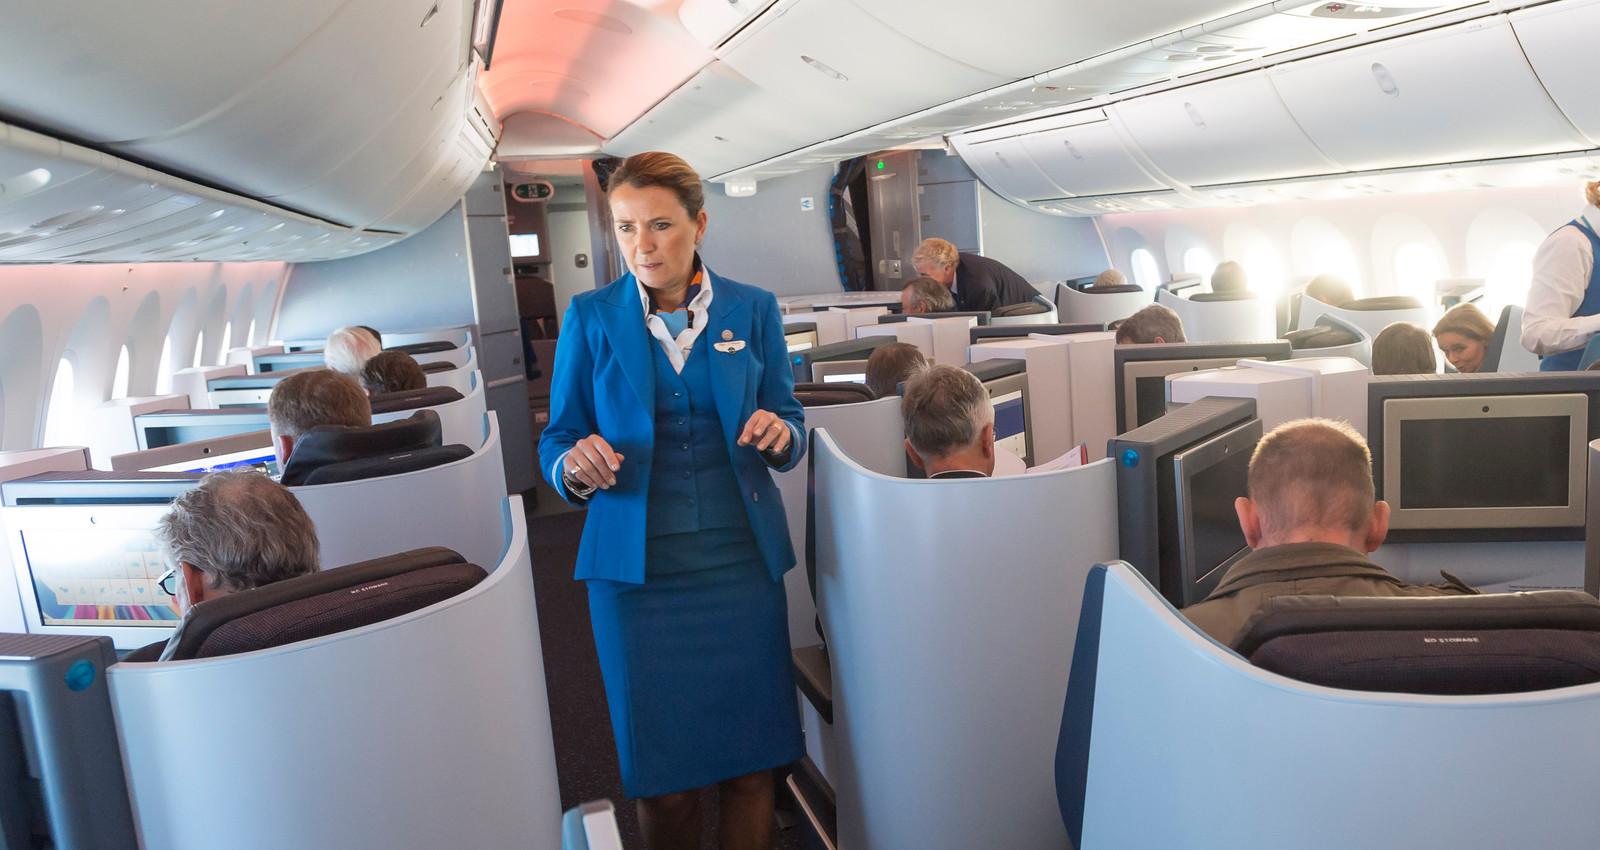 De businessclass van een KLM-vliegtuig.